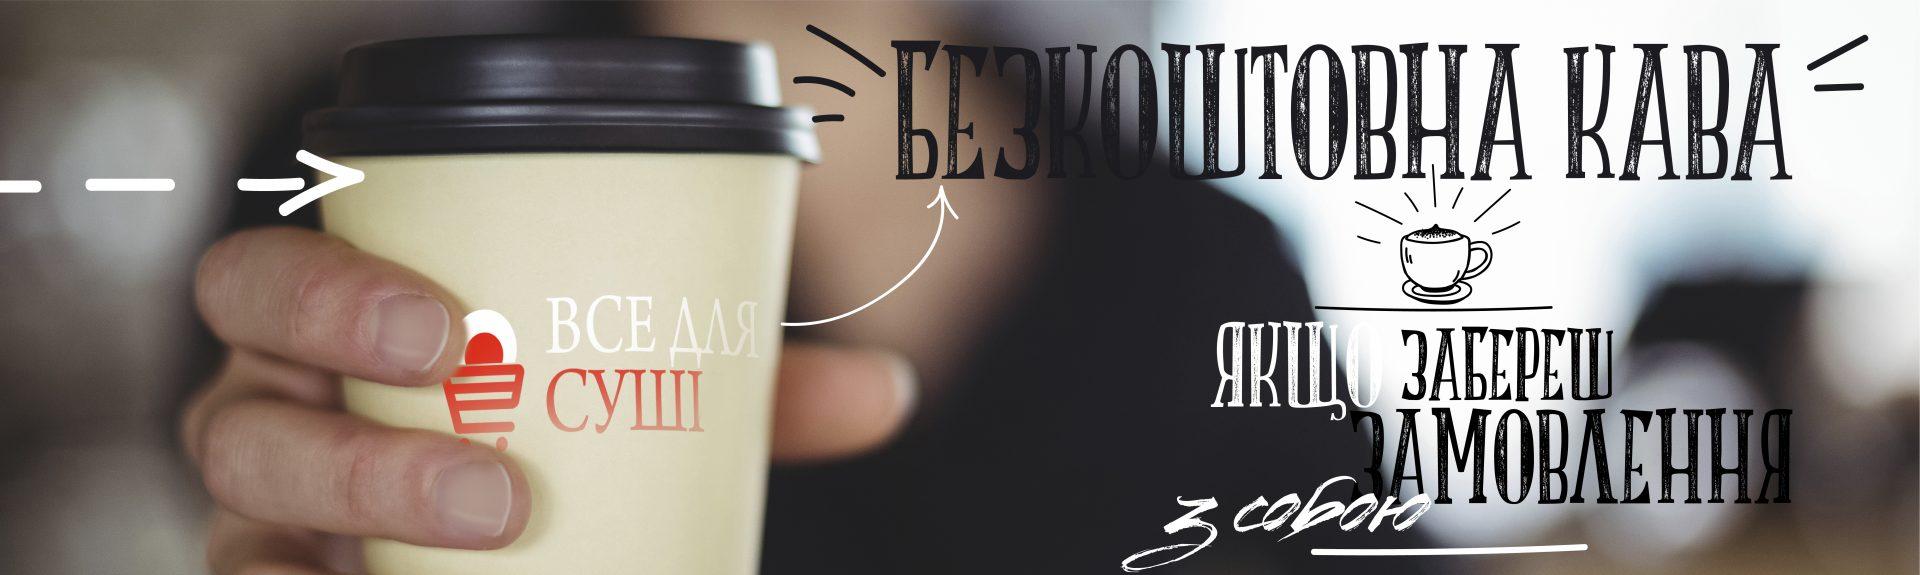 Безкоштовна кава